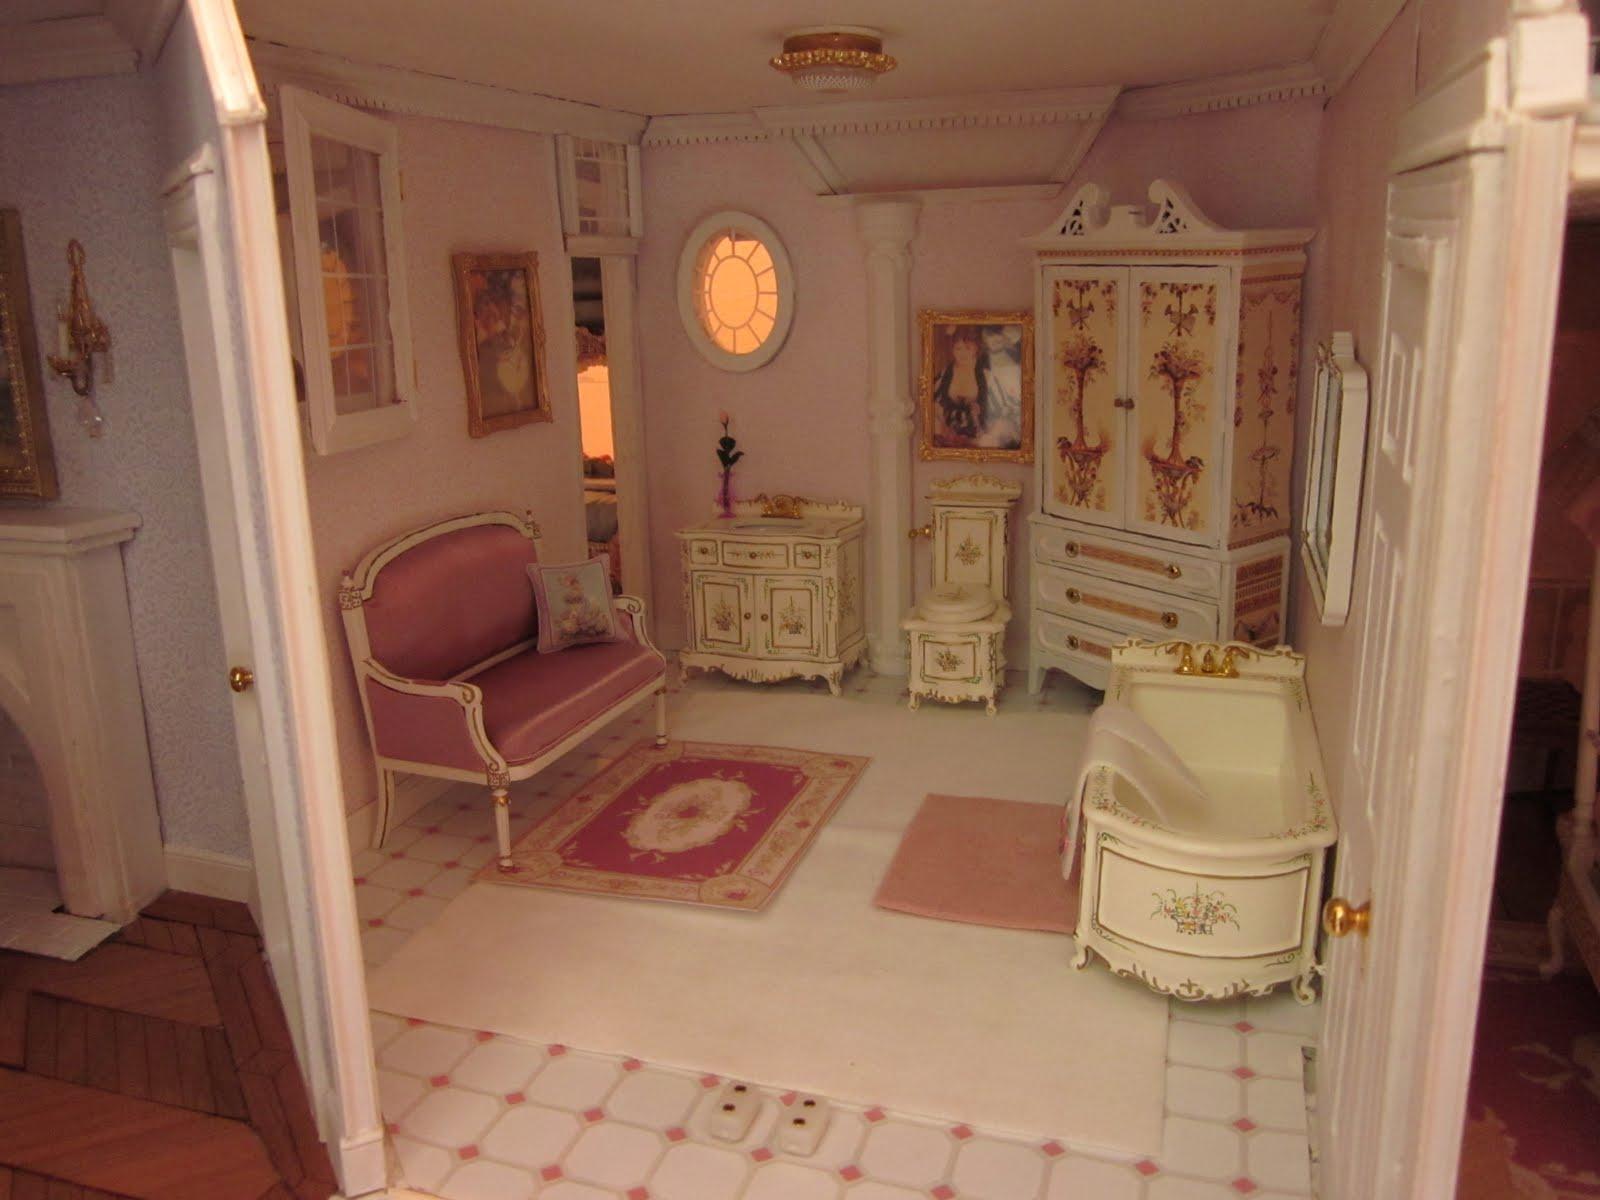 La Grande Maison-The Greenleaf Garfield Dollhouse: A